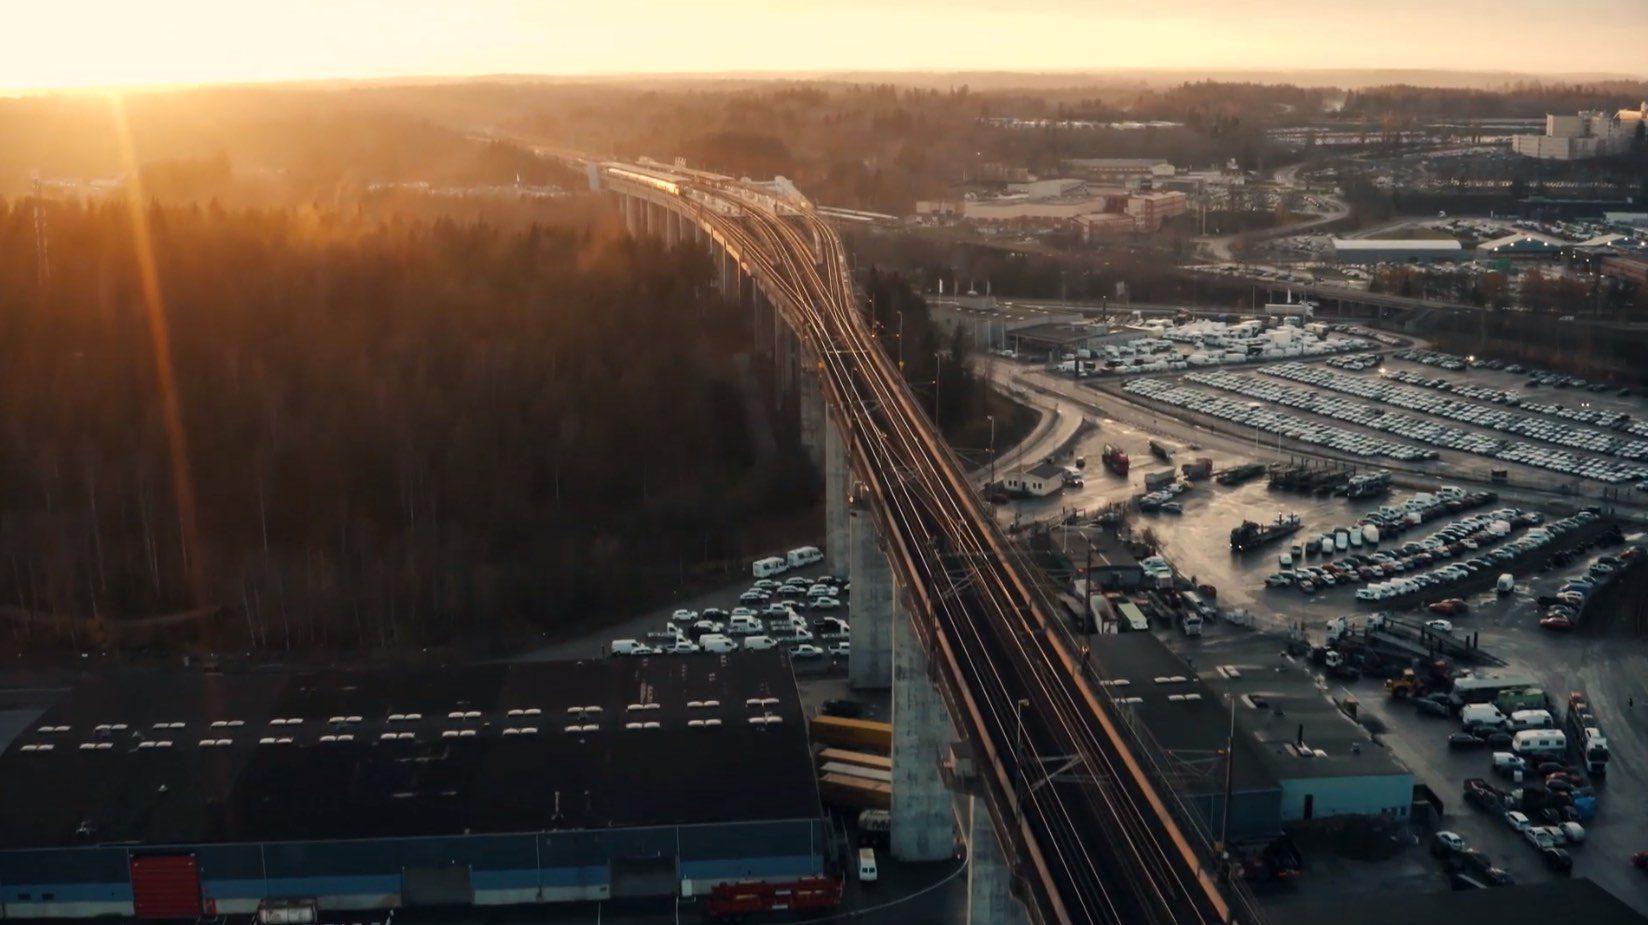 INDUSTRIEFILM für Scania by ROCC FILM